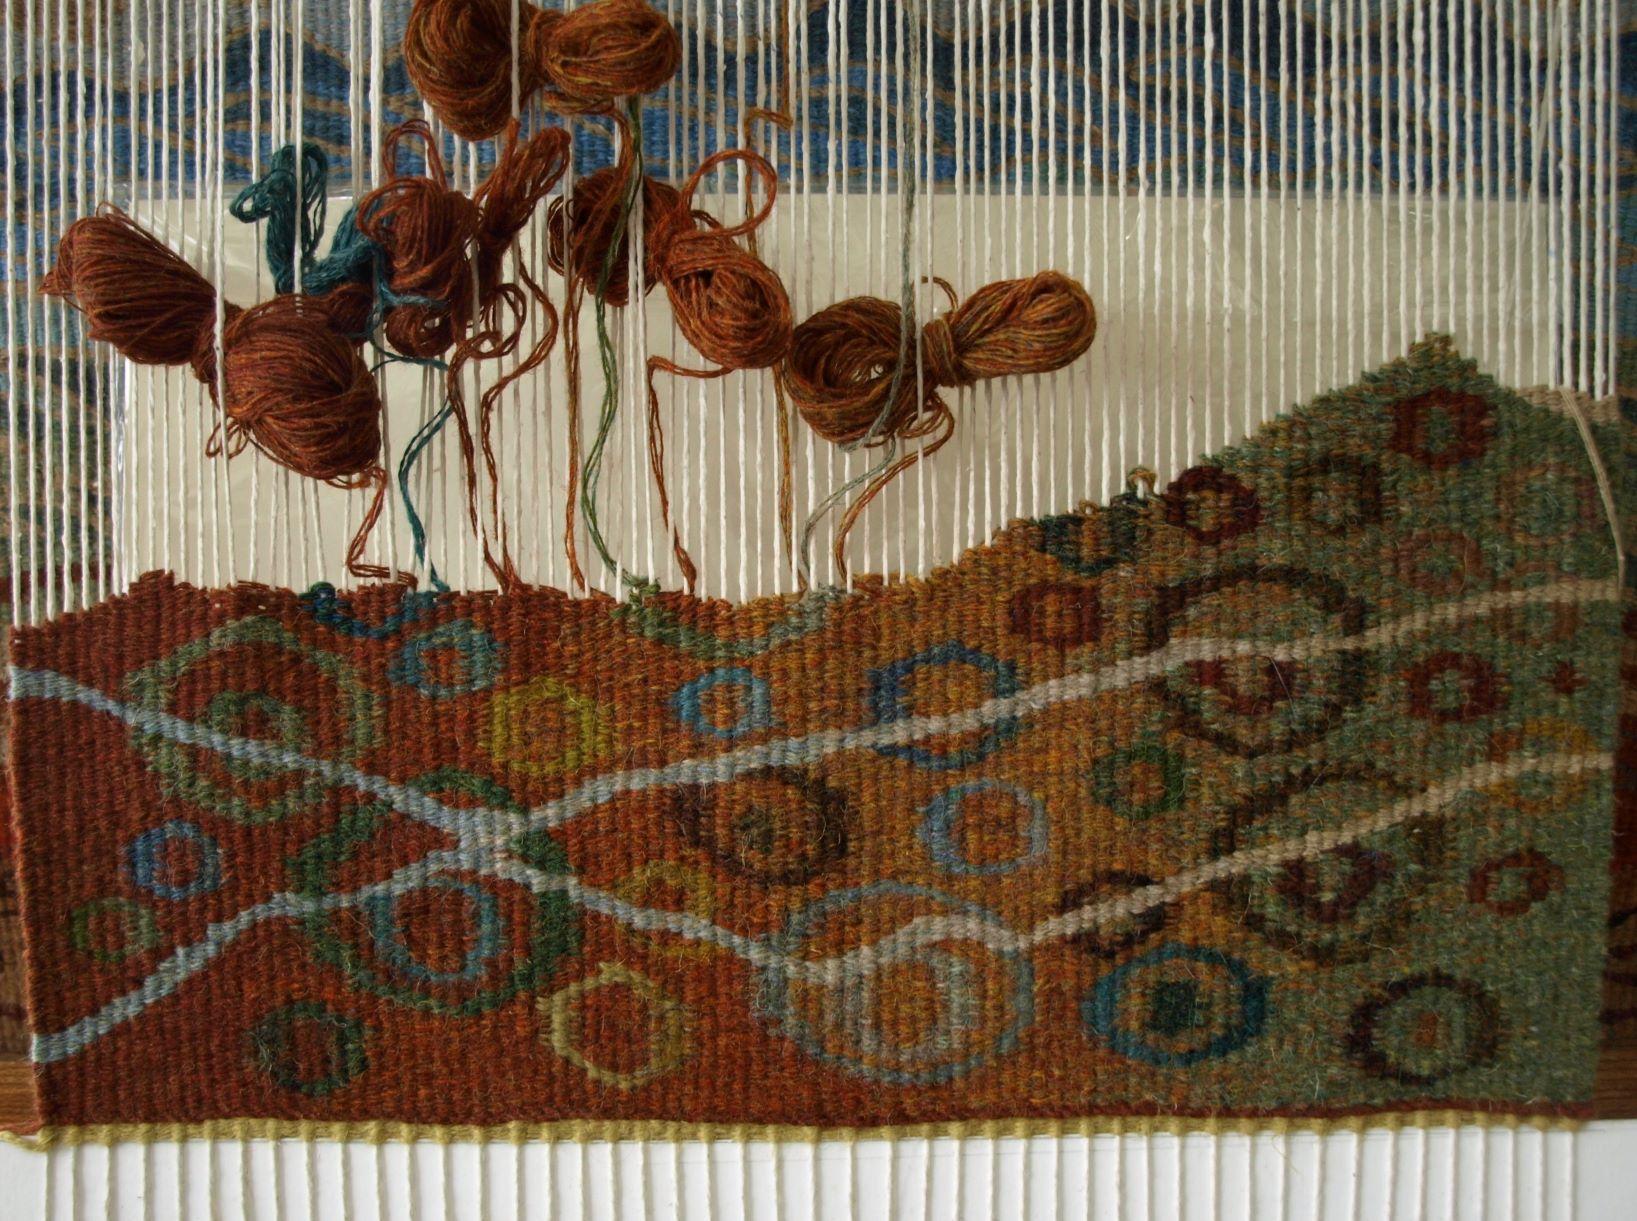 Tapestry by Scottish handloom weaver Louise Oppenheimer